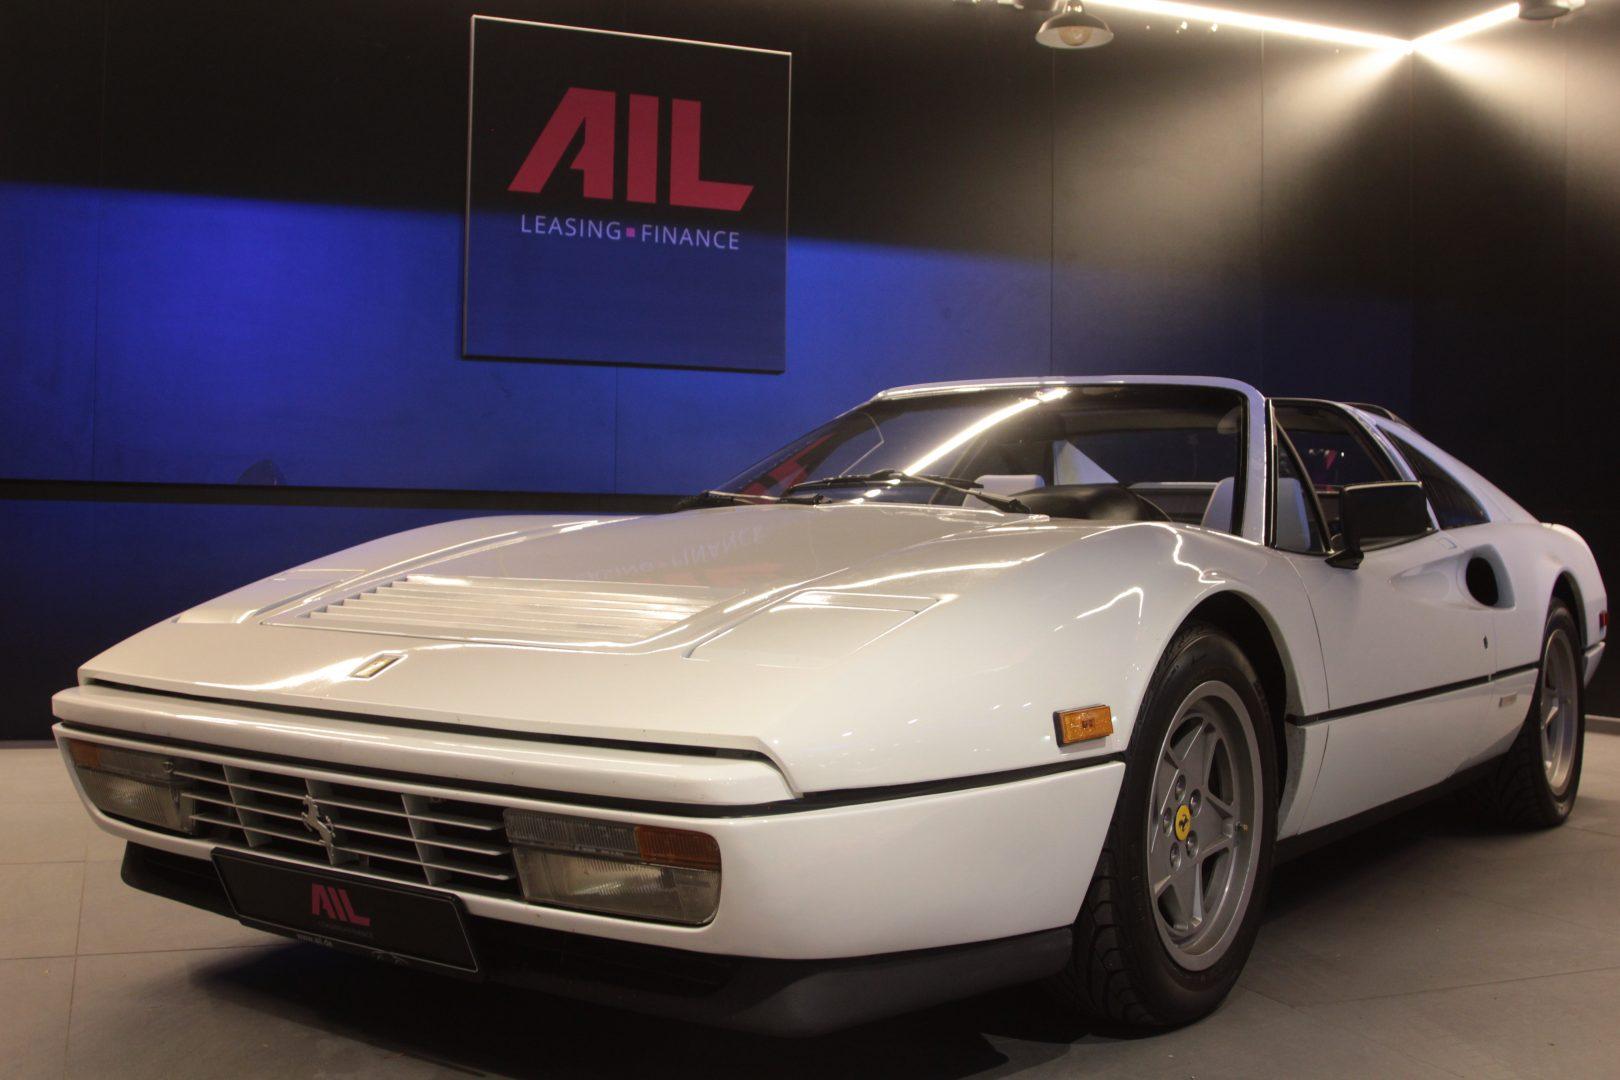 AIL Ferrari 328 GTS 2